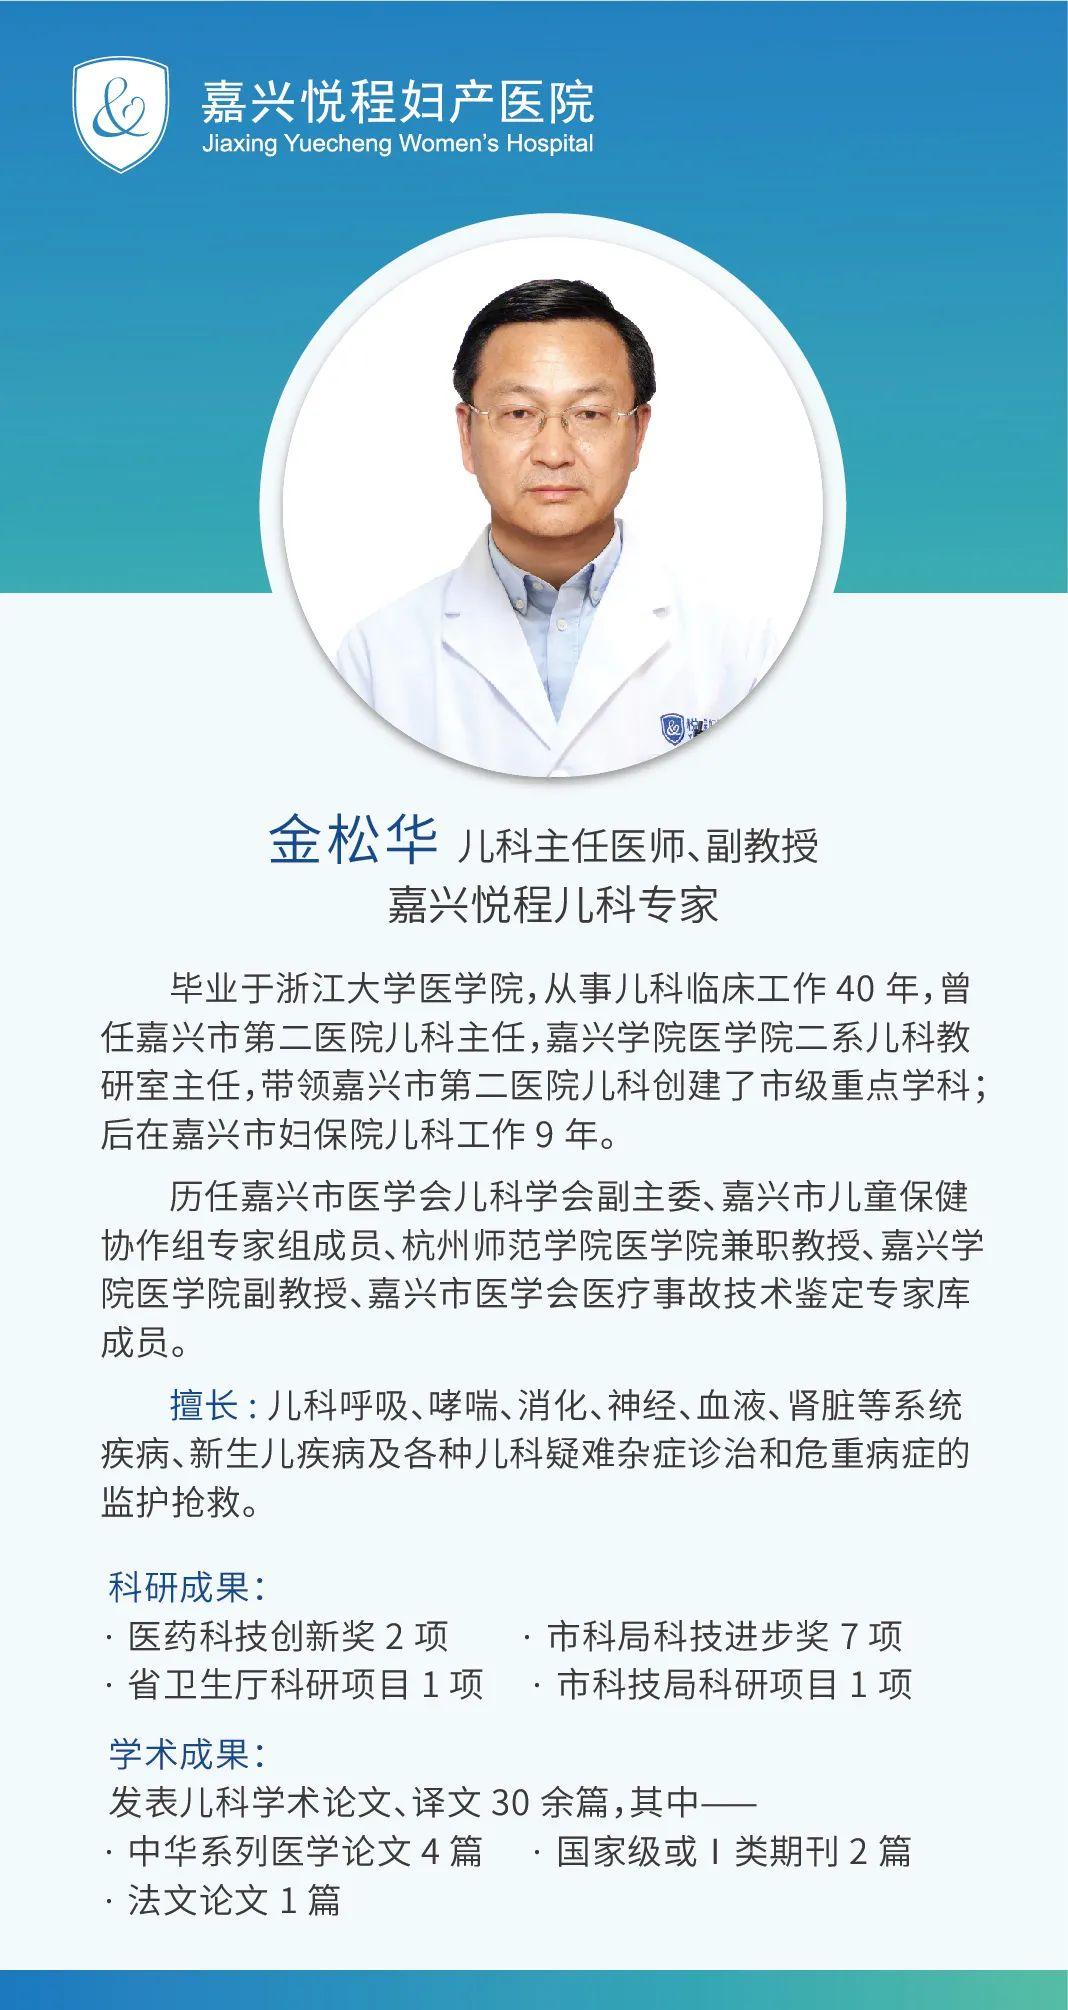 金松华-嘉兴悦程医院儿科专家